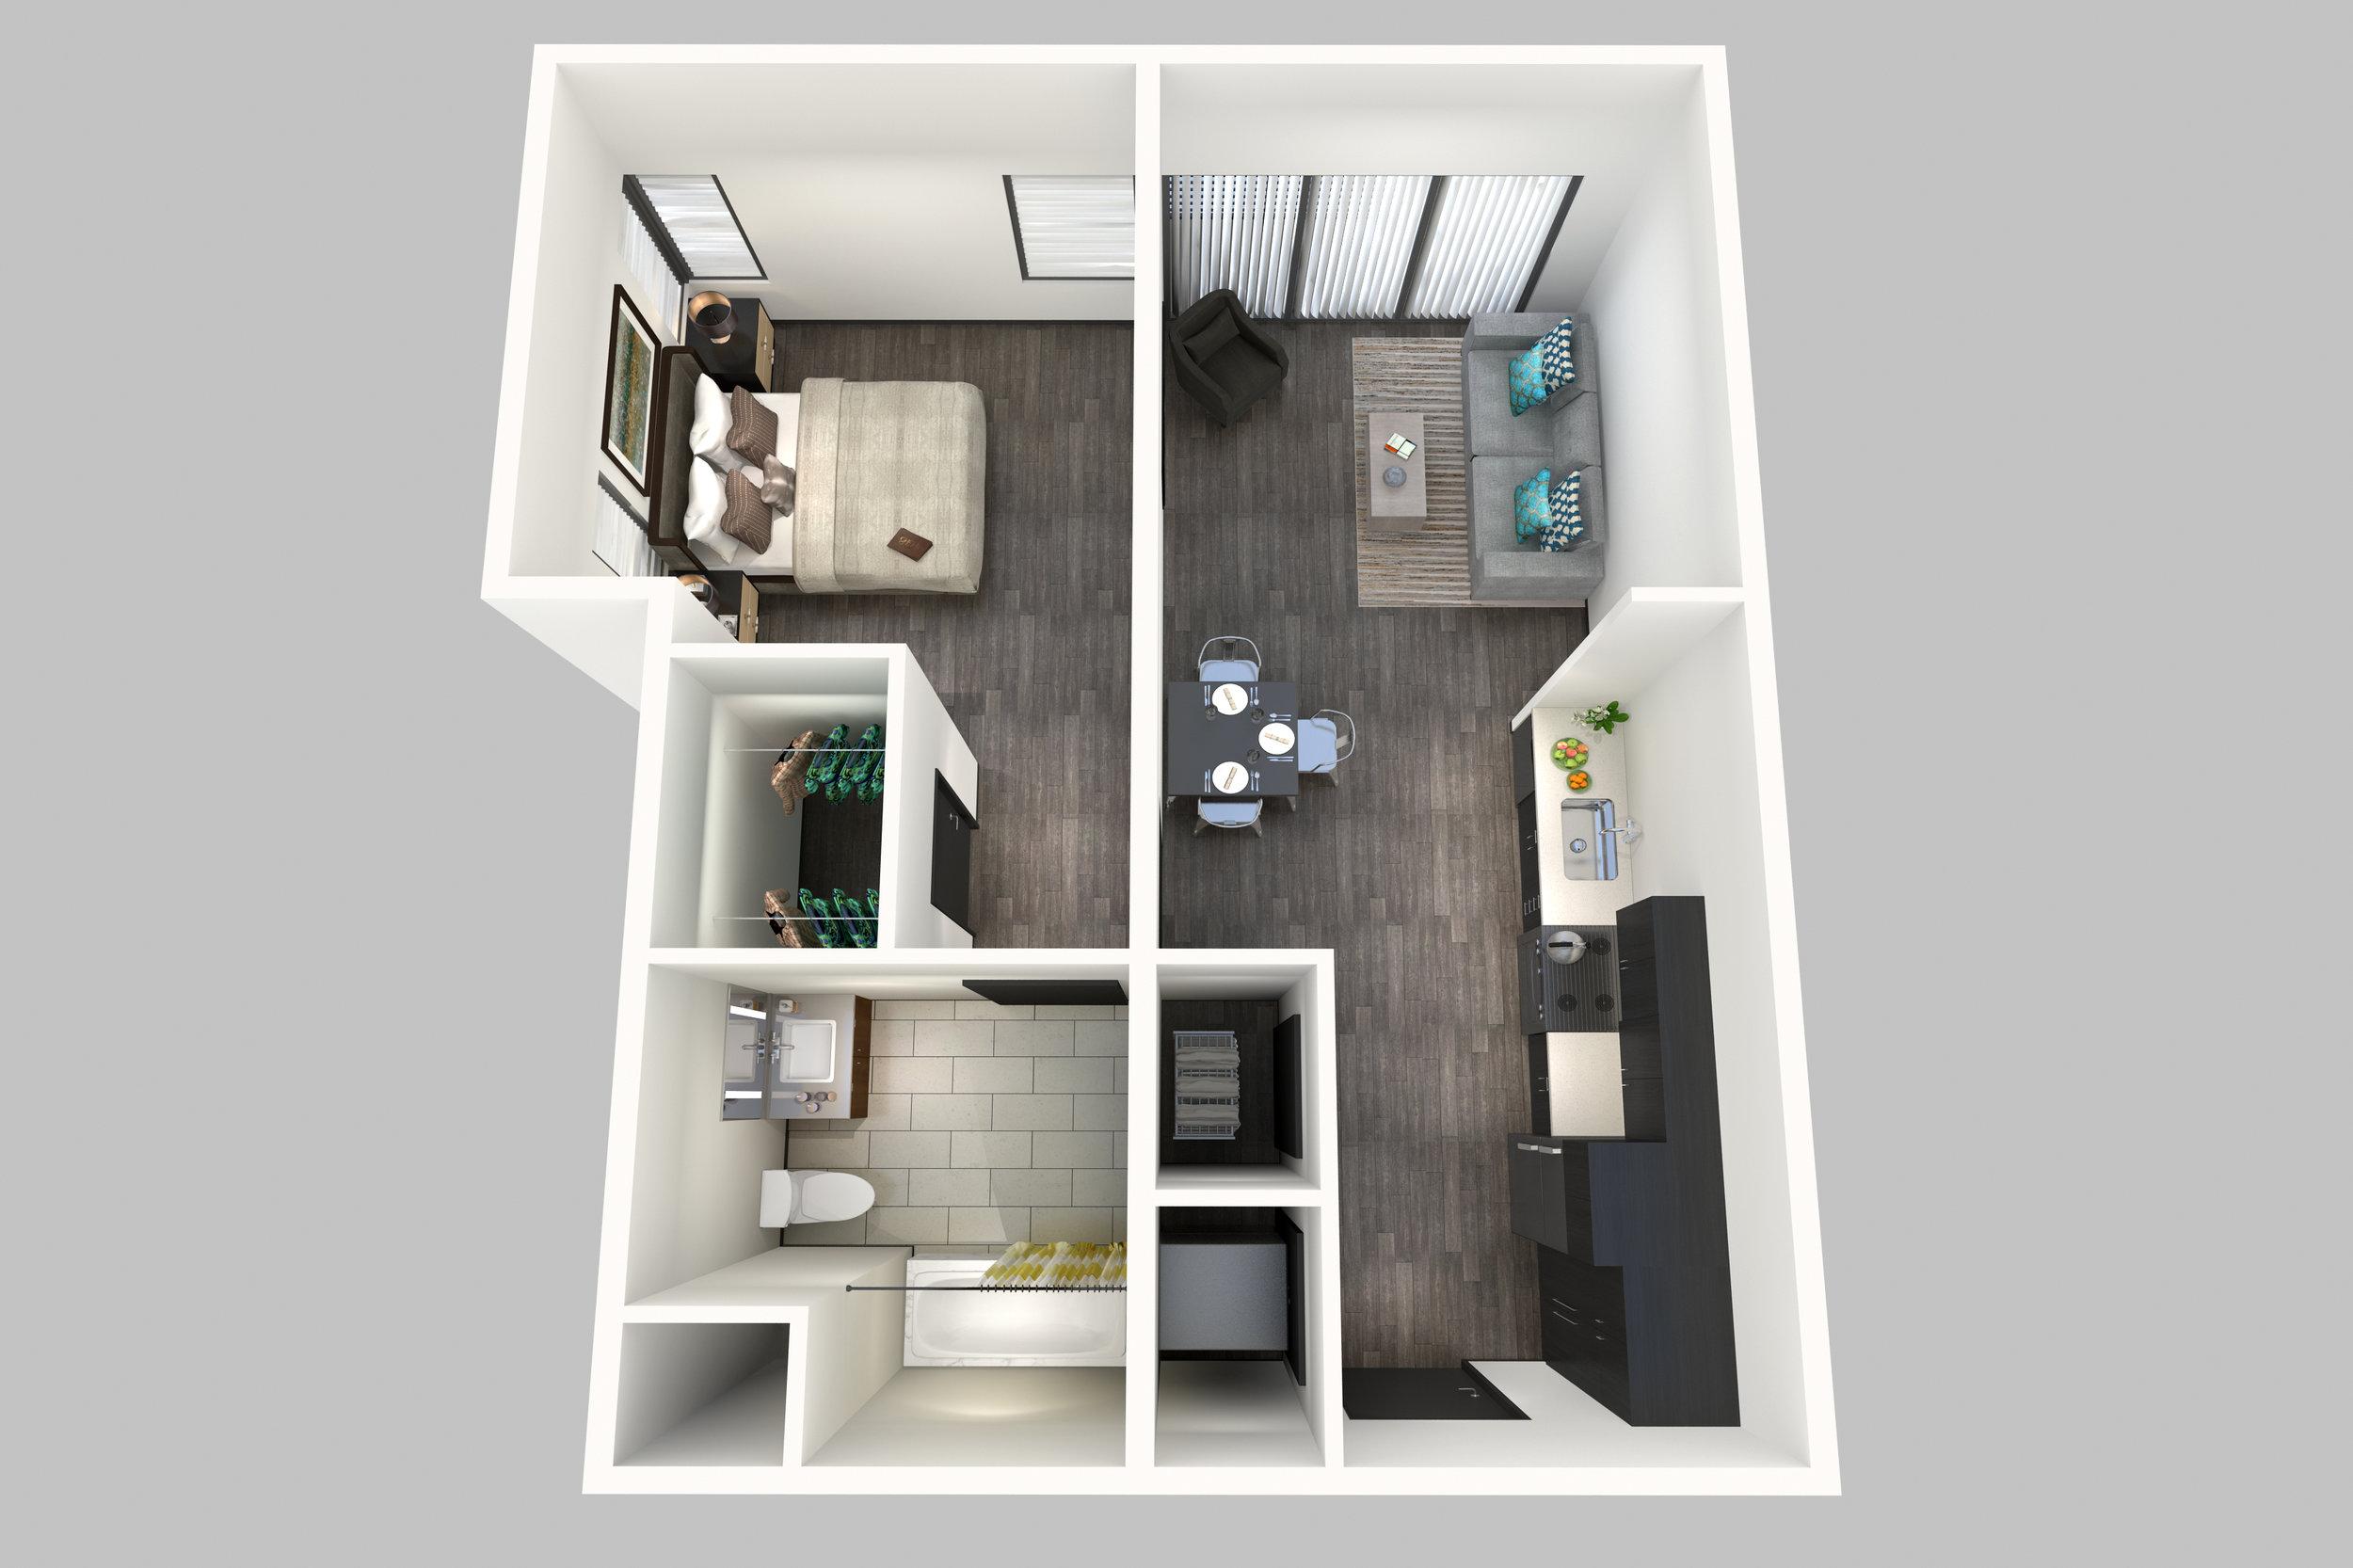 Unit F 3D plan.jpg